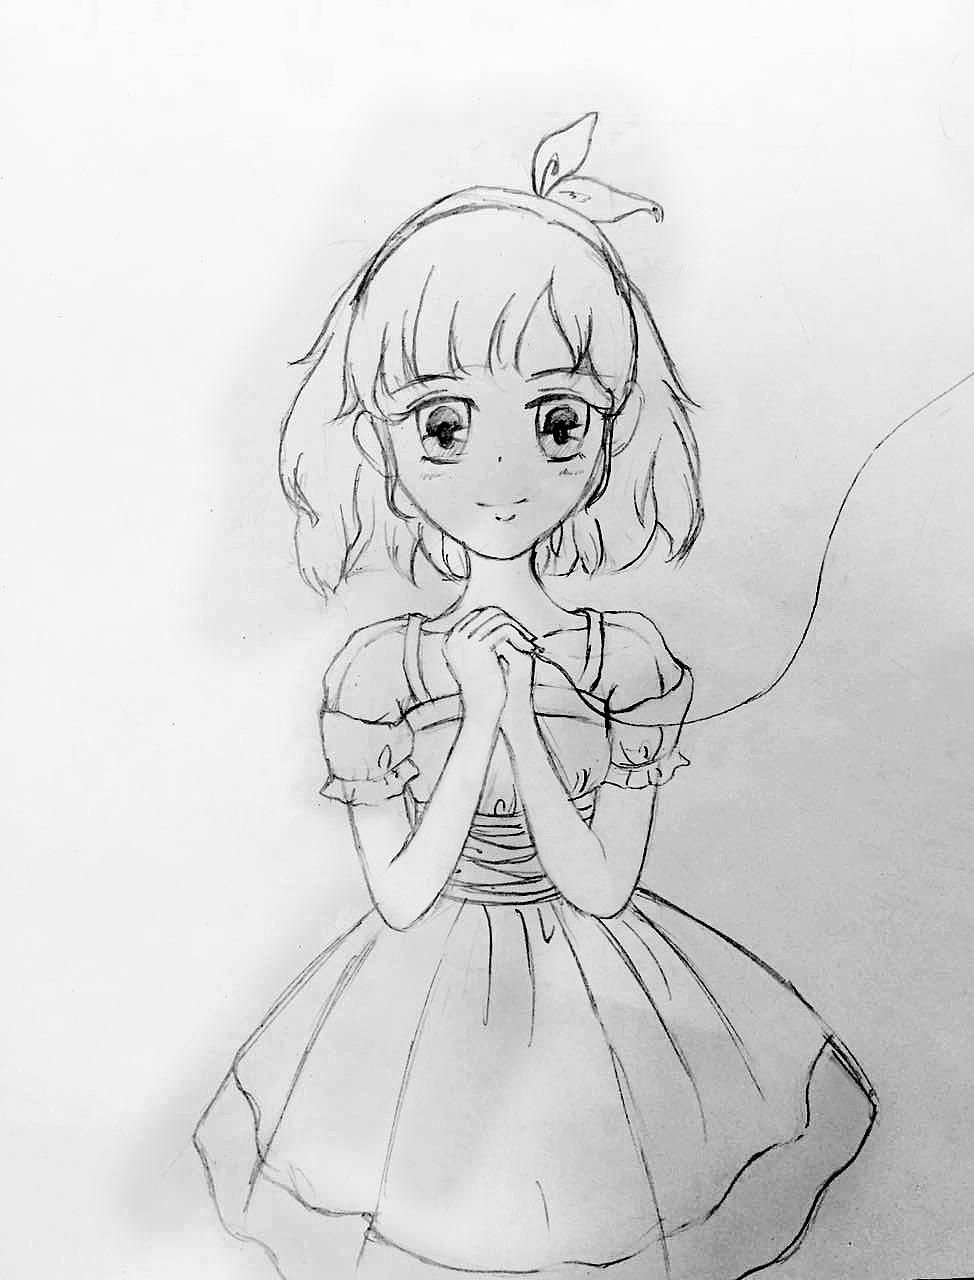 原创手绘插画线稿 爱丽丝姐妹系列 5格漫画